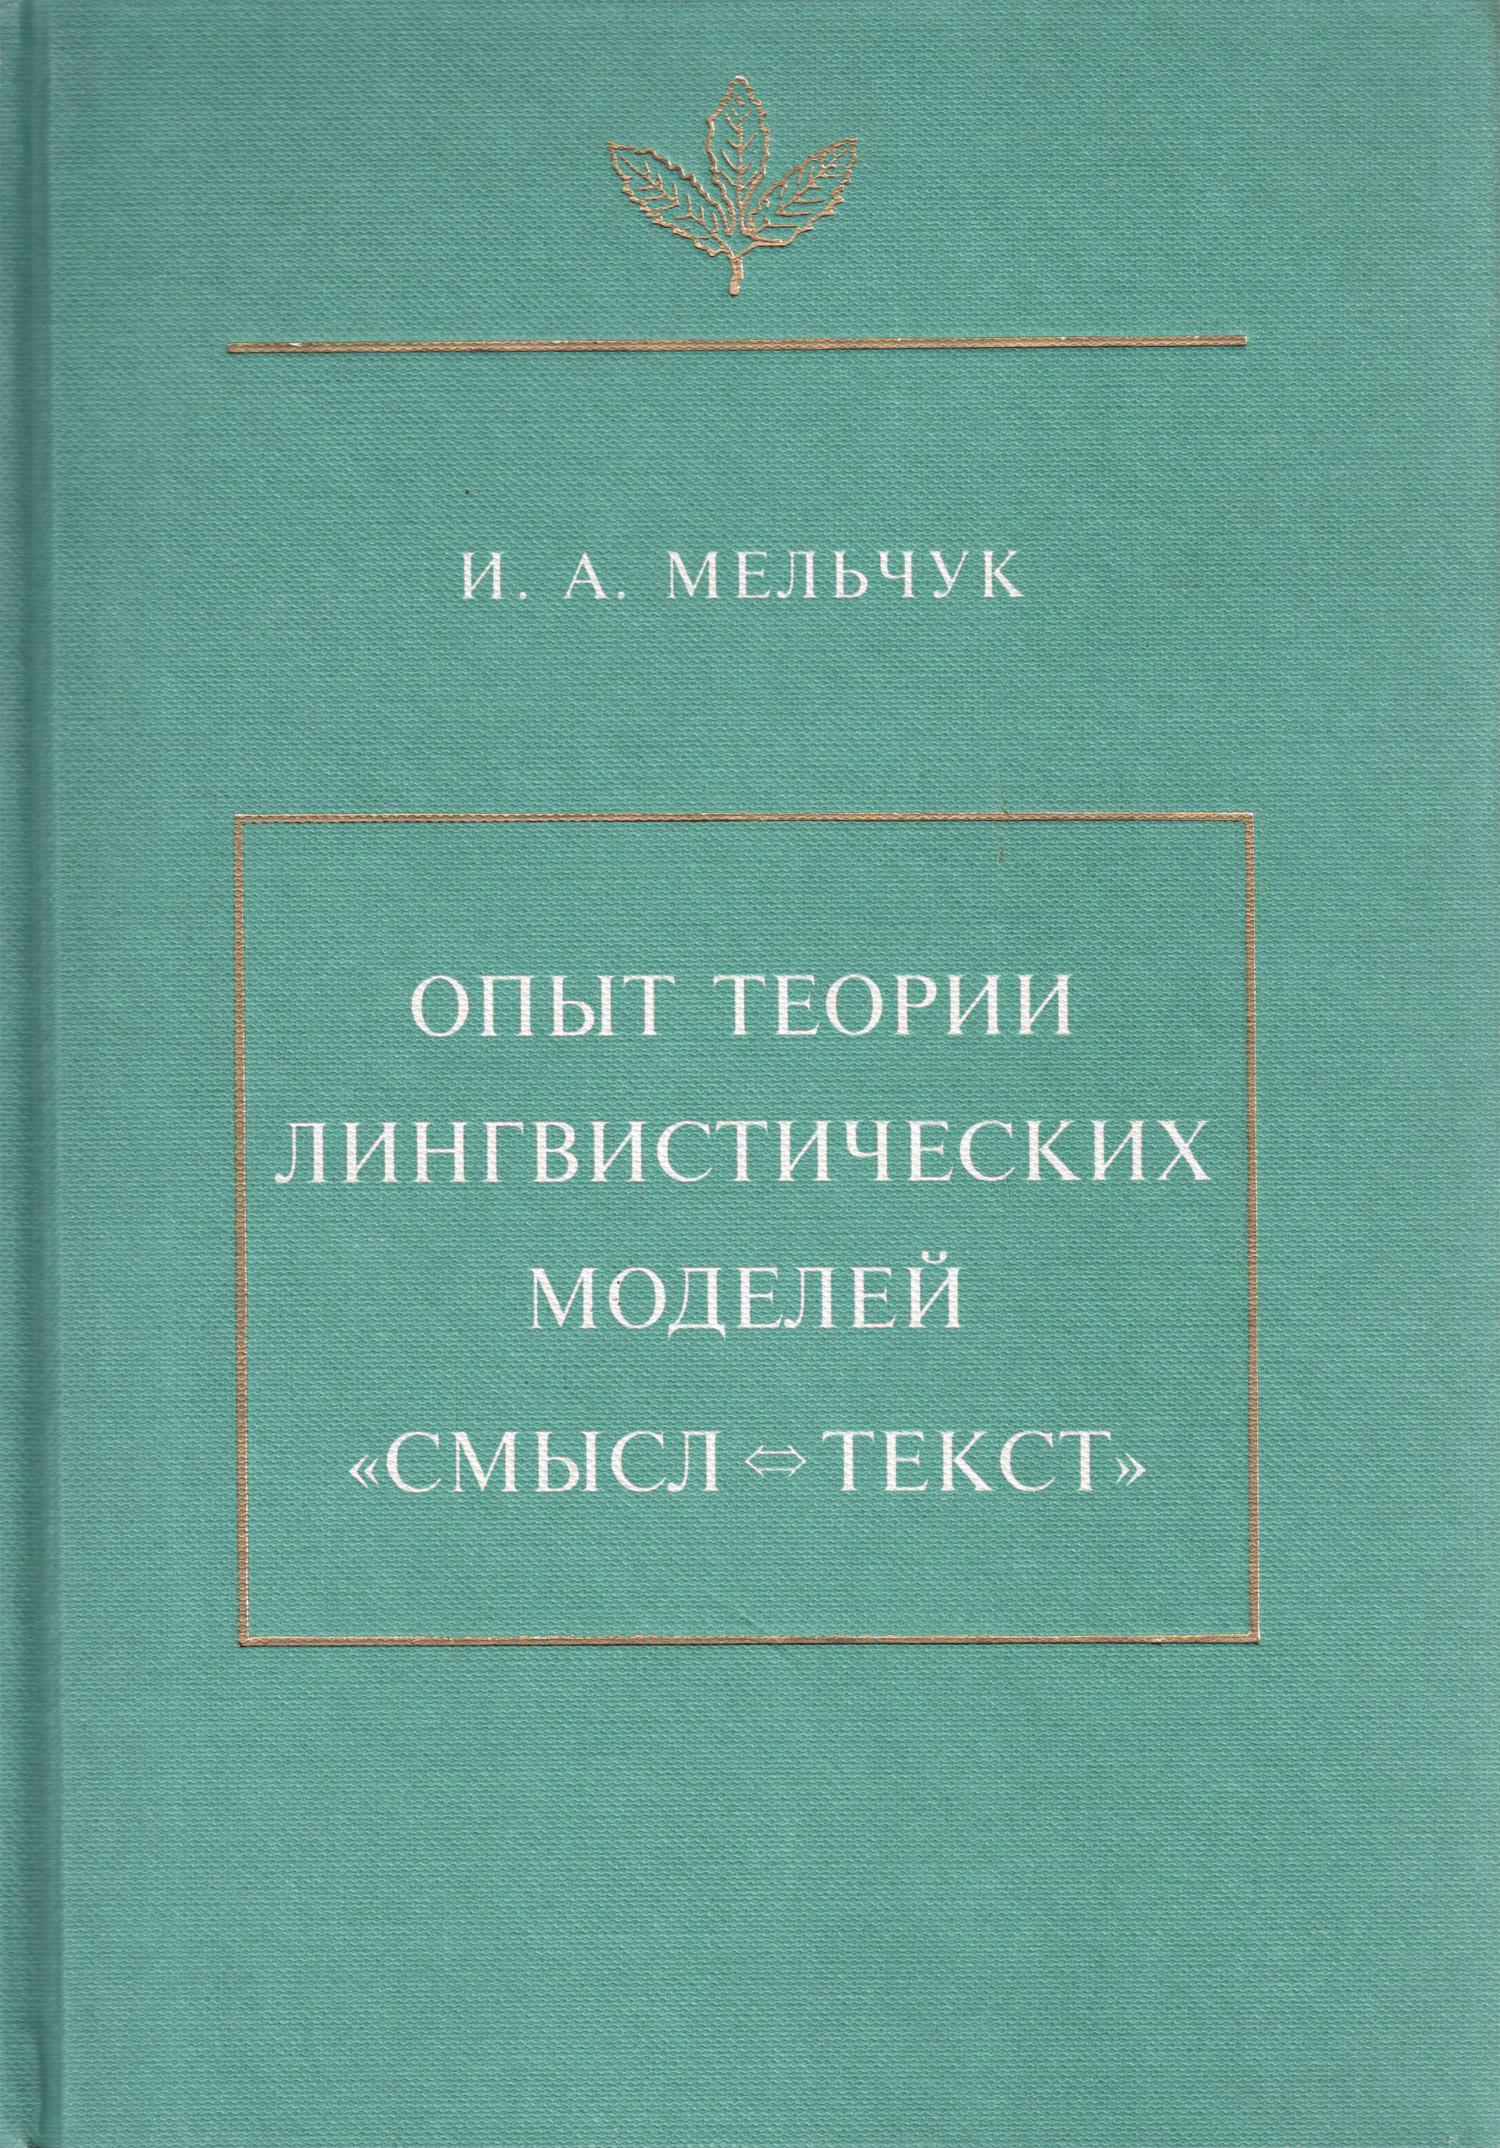 Опыт теории лингвистических моделей «Смысл ⇔ текст»